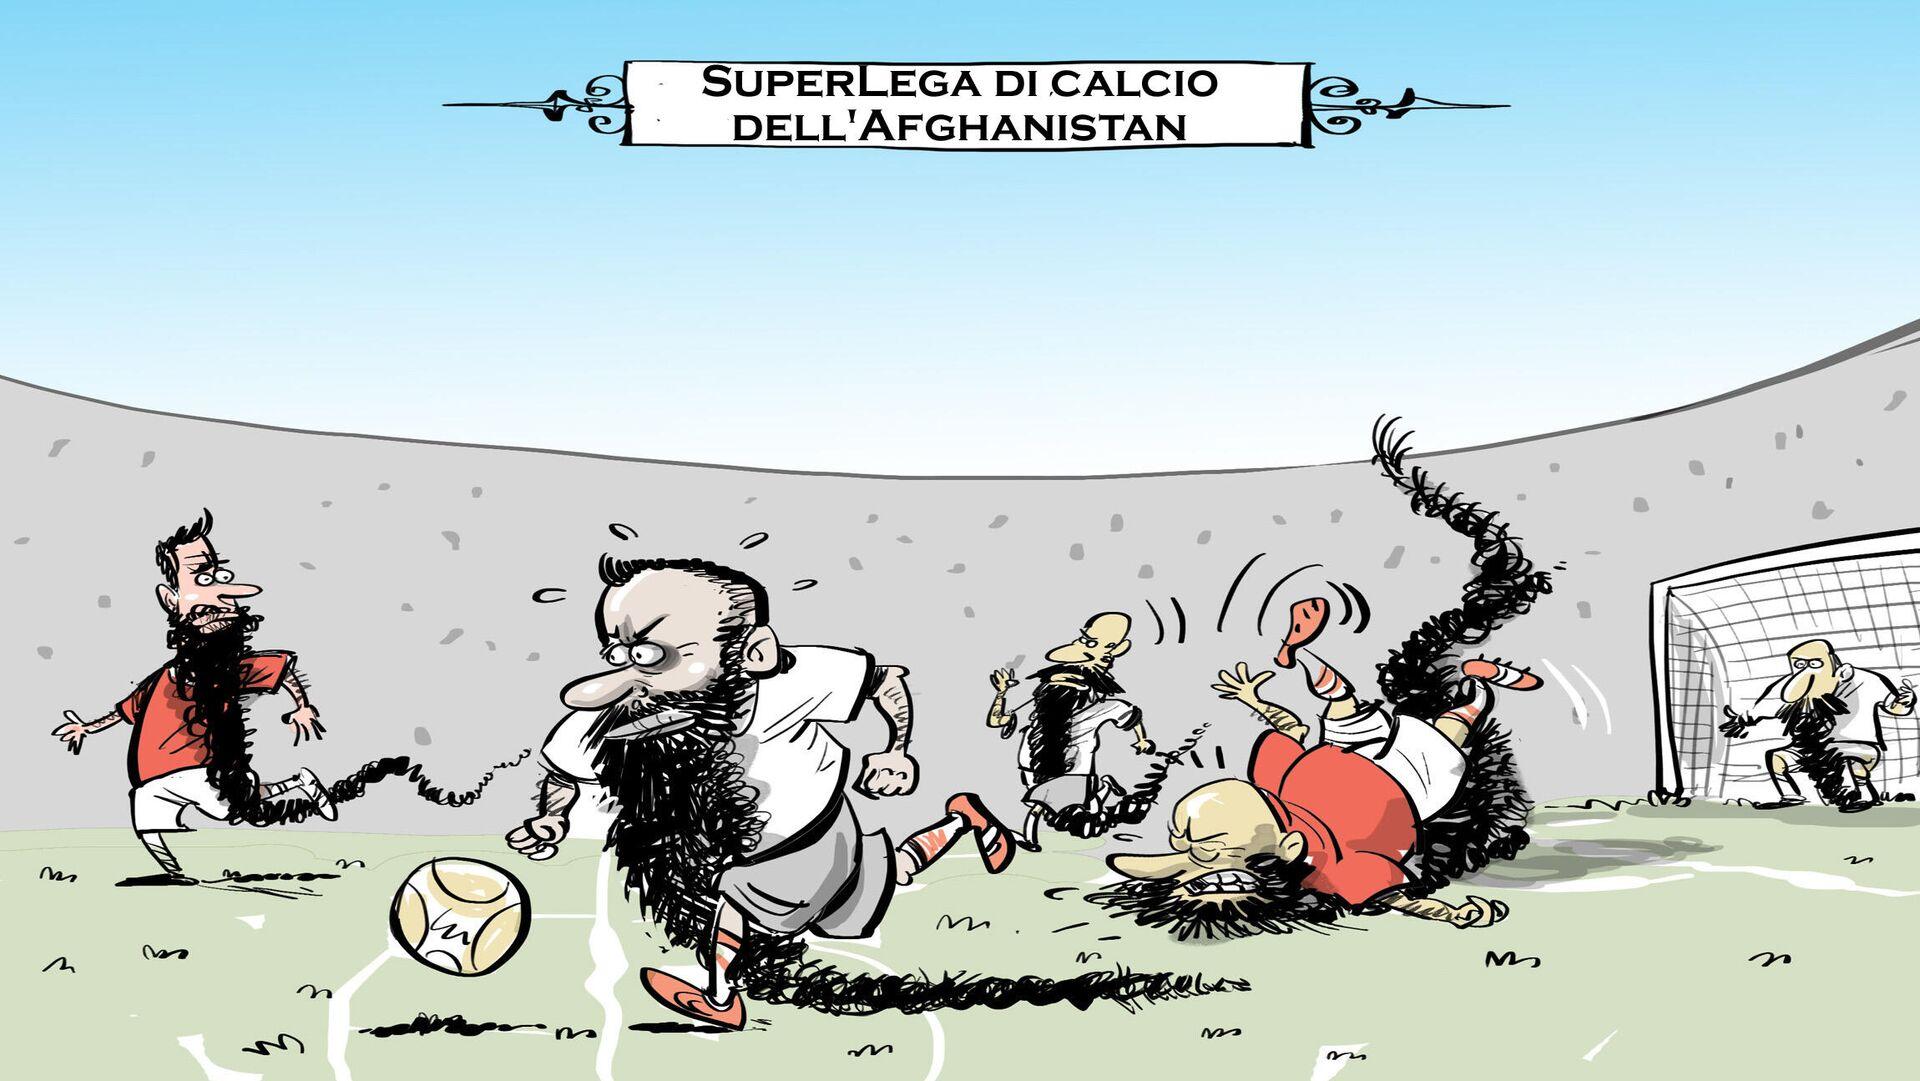 Che barba il calcio afghano - Sputnik Italia, 1920, 27.09.2021